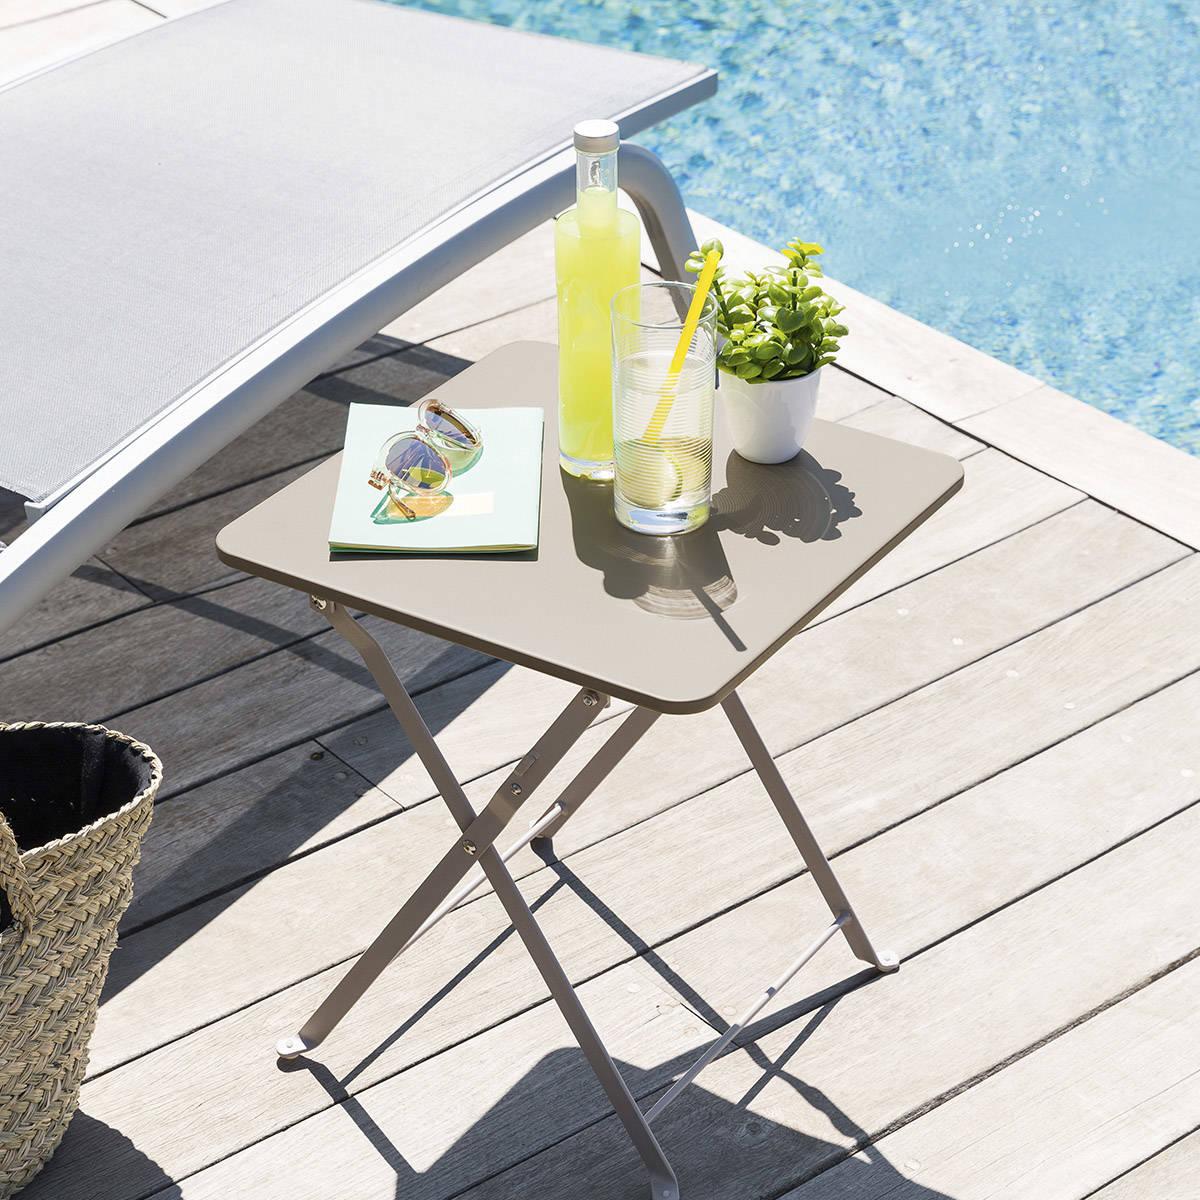 Hespéride Table d'appoint de jardin carrée Nindiri Taupe mat 40 x 40 x 45 cm - Acier cataphorèse, Peinture époxy